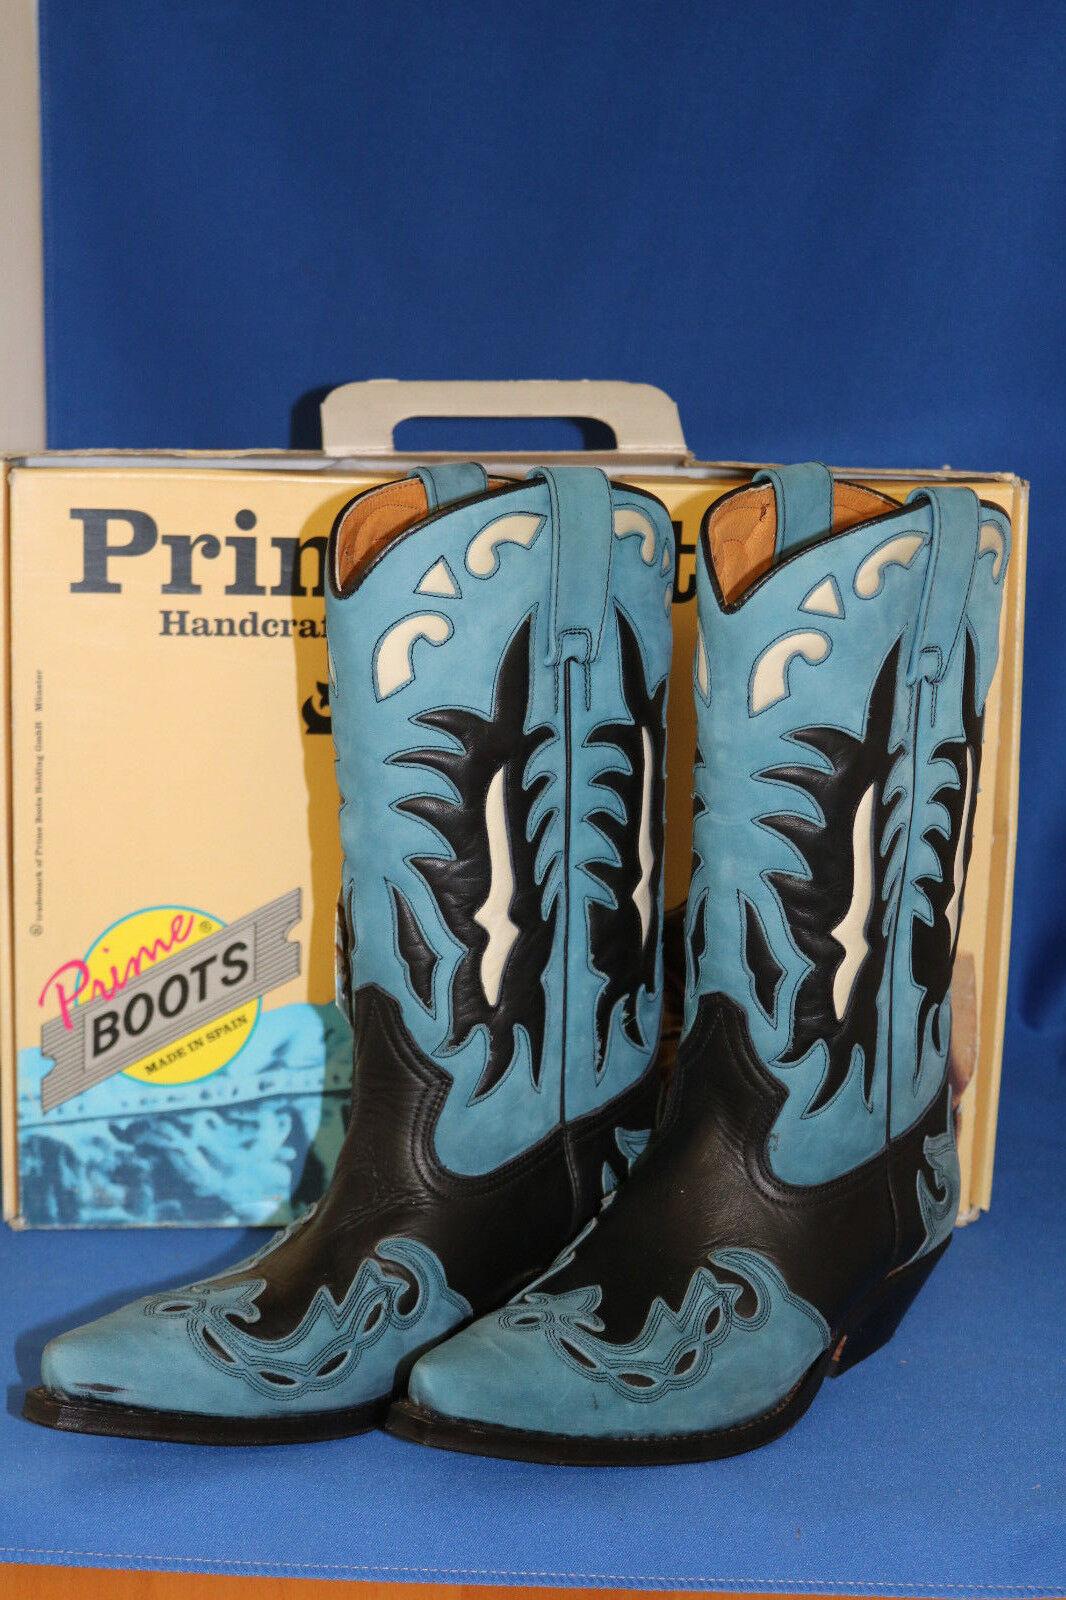 Prime Stiefel design cowboystiefel westernstiefel handmade neu handmade westernstiefel gr. 45 blau schwarz 1bb664